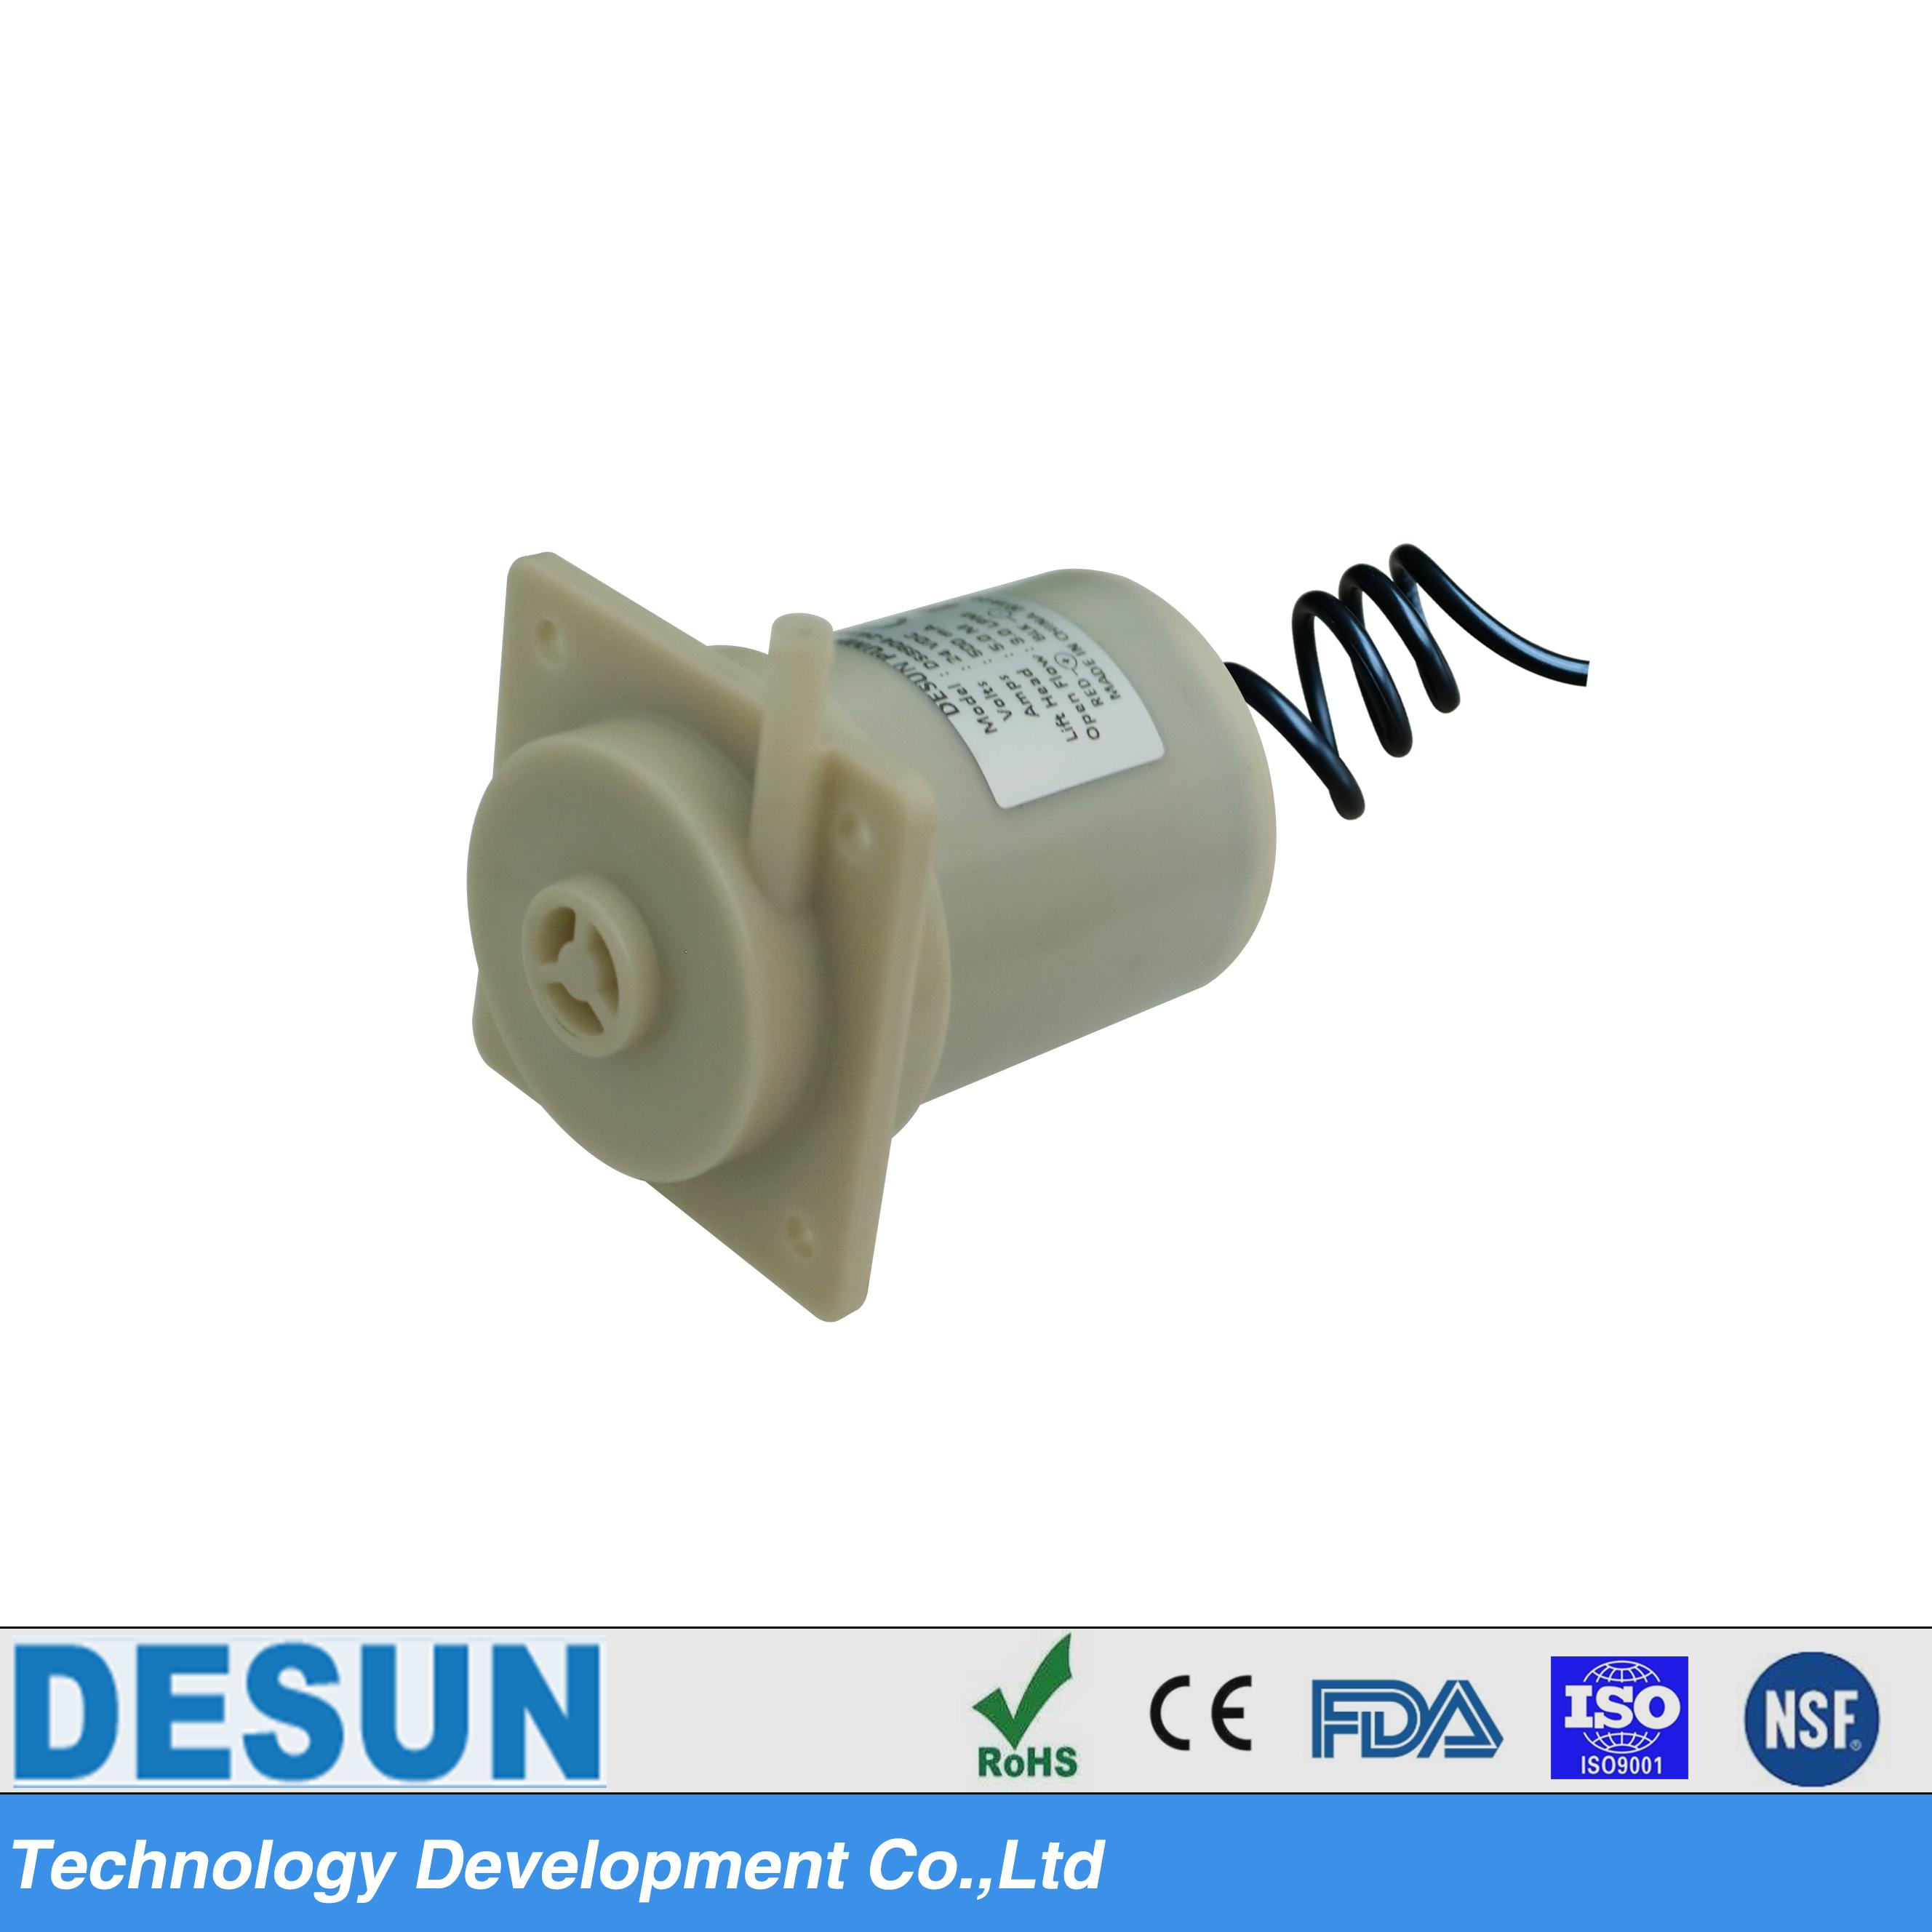 食品级饮水机微型水泵DS3904